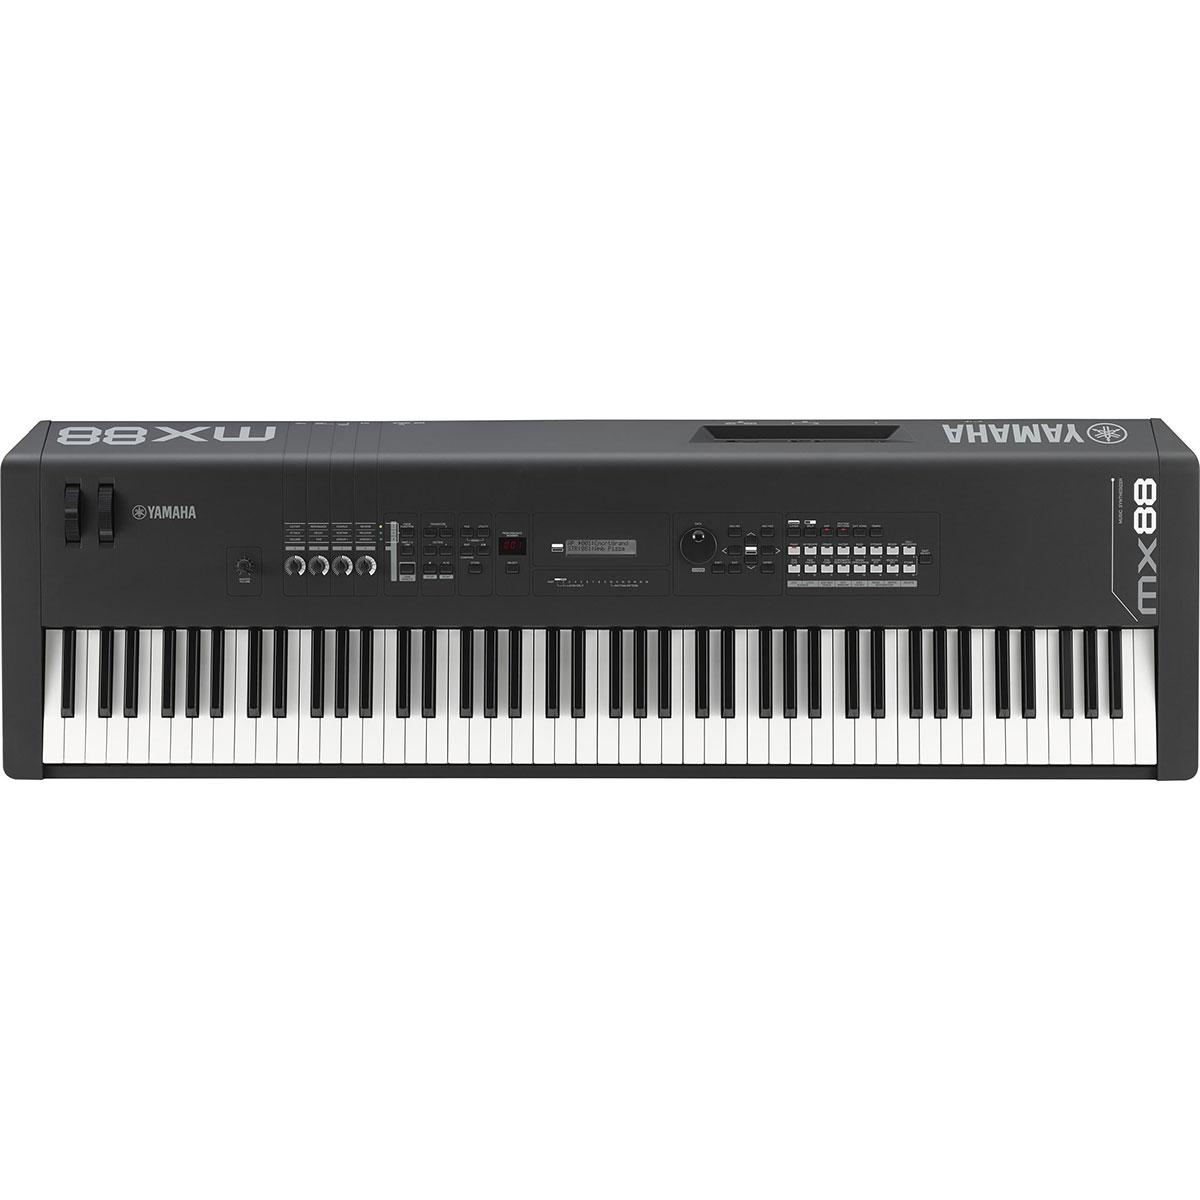 Yamaha - MX88 Music synthesizer